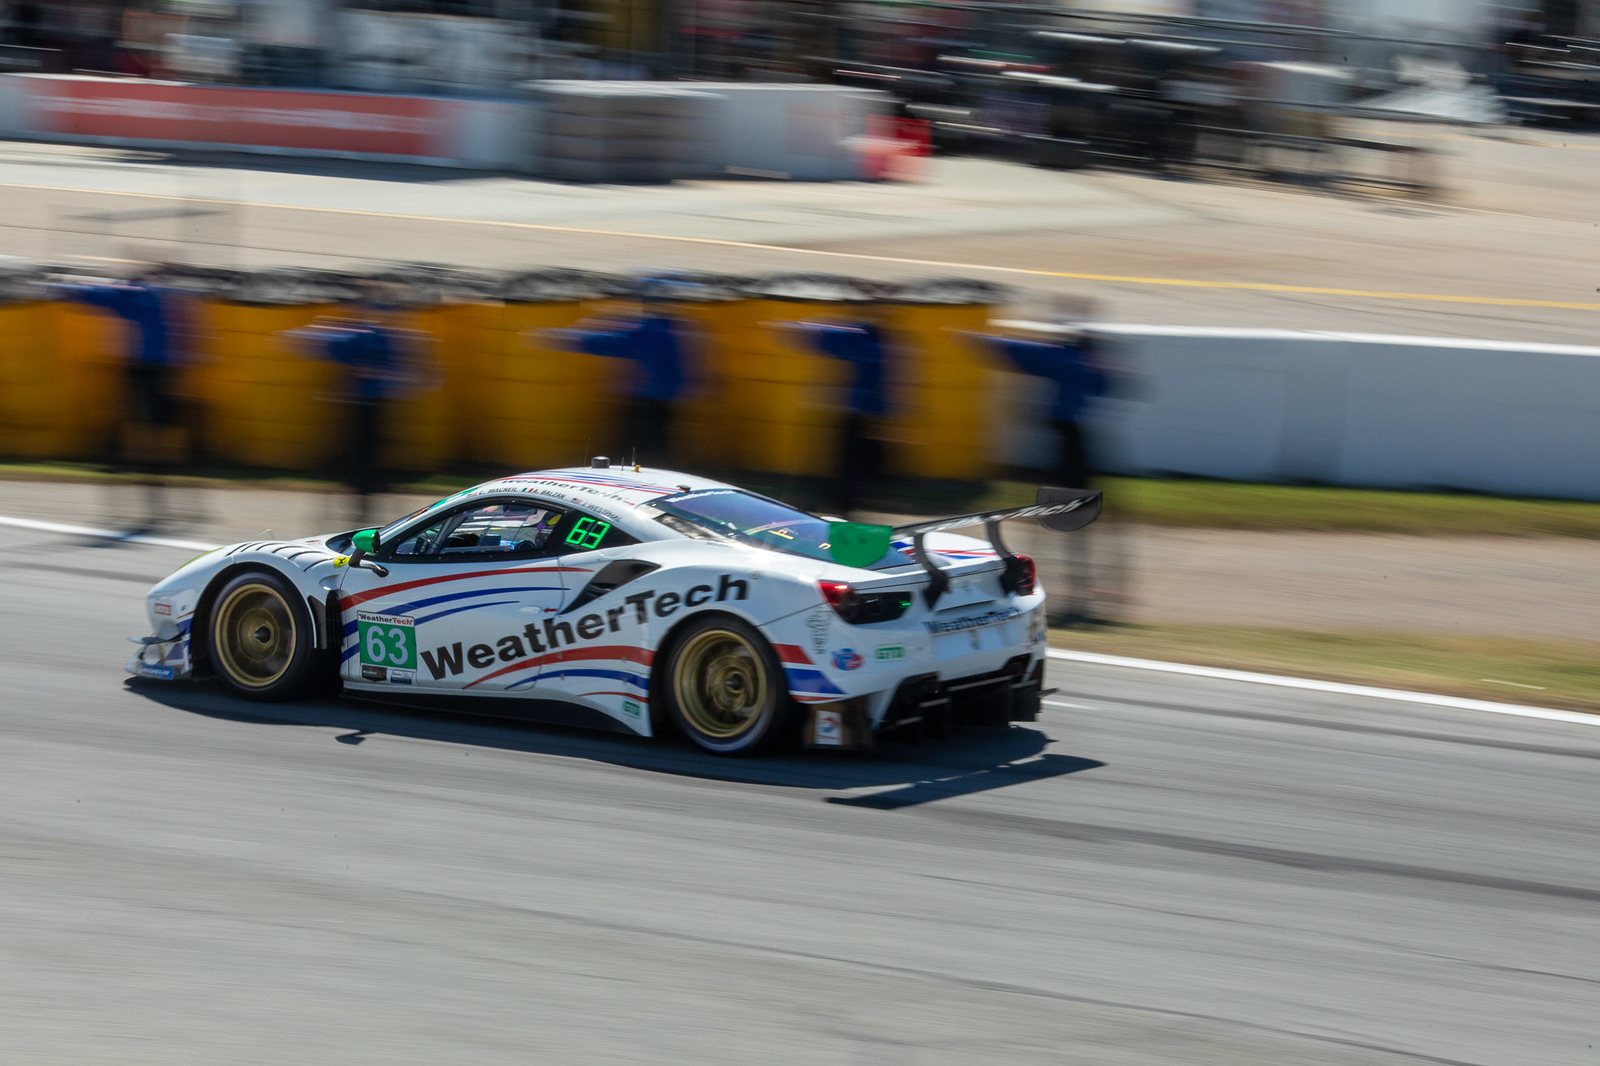 Car racing on turn.